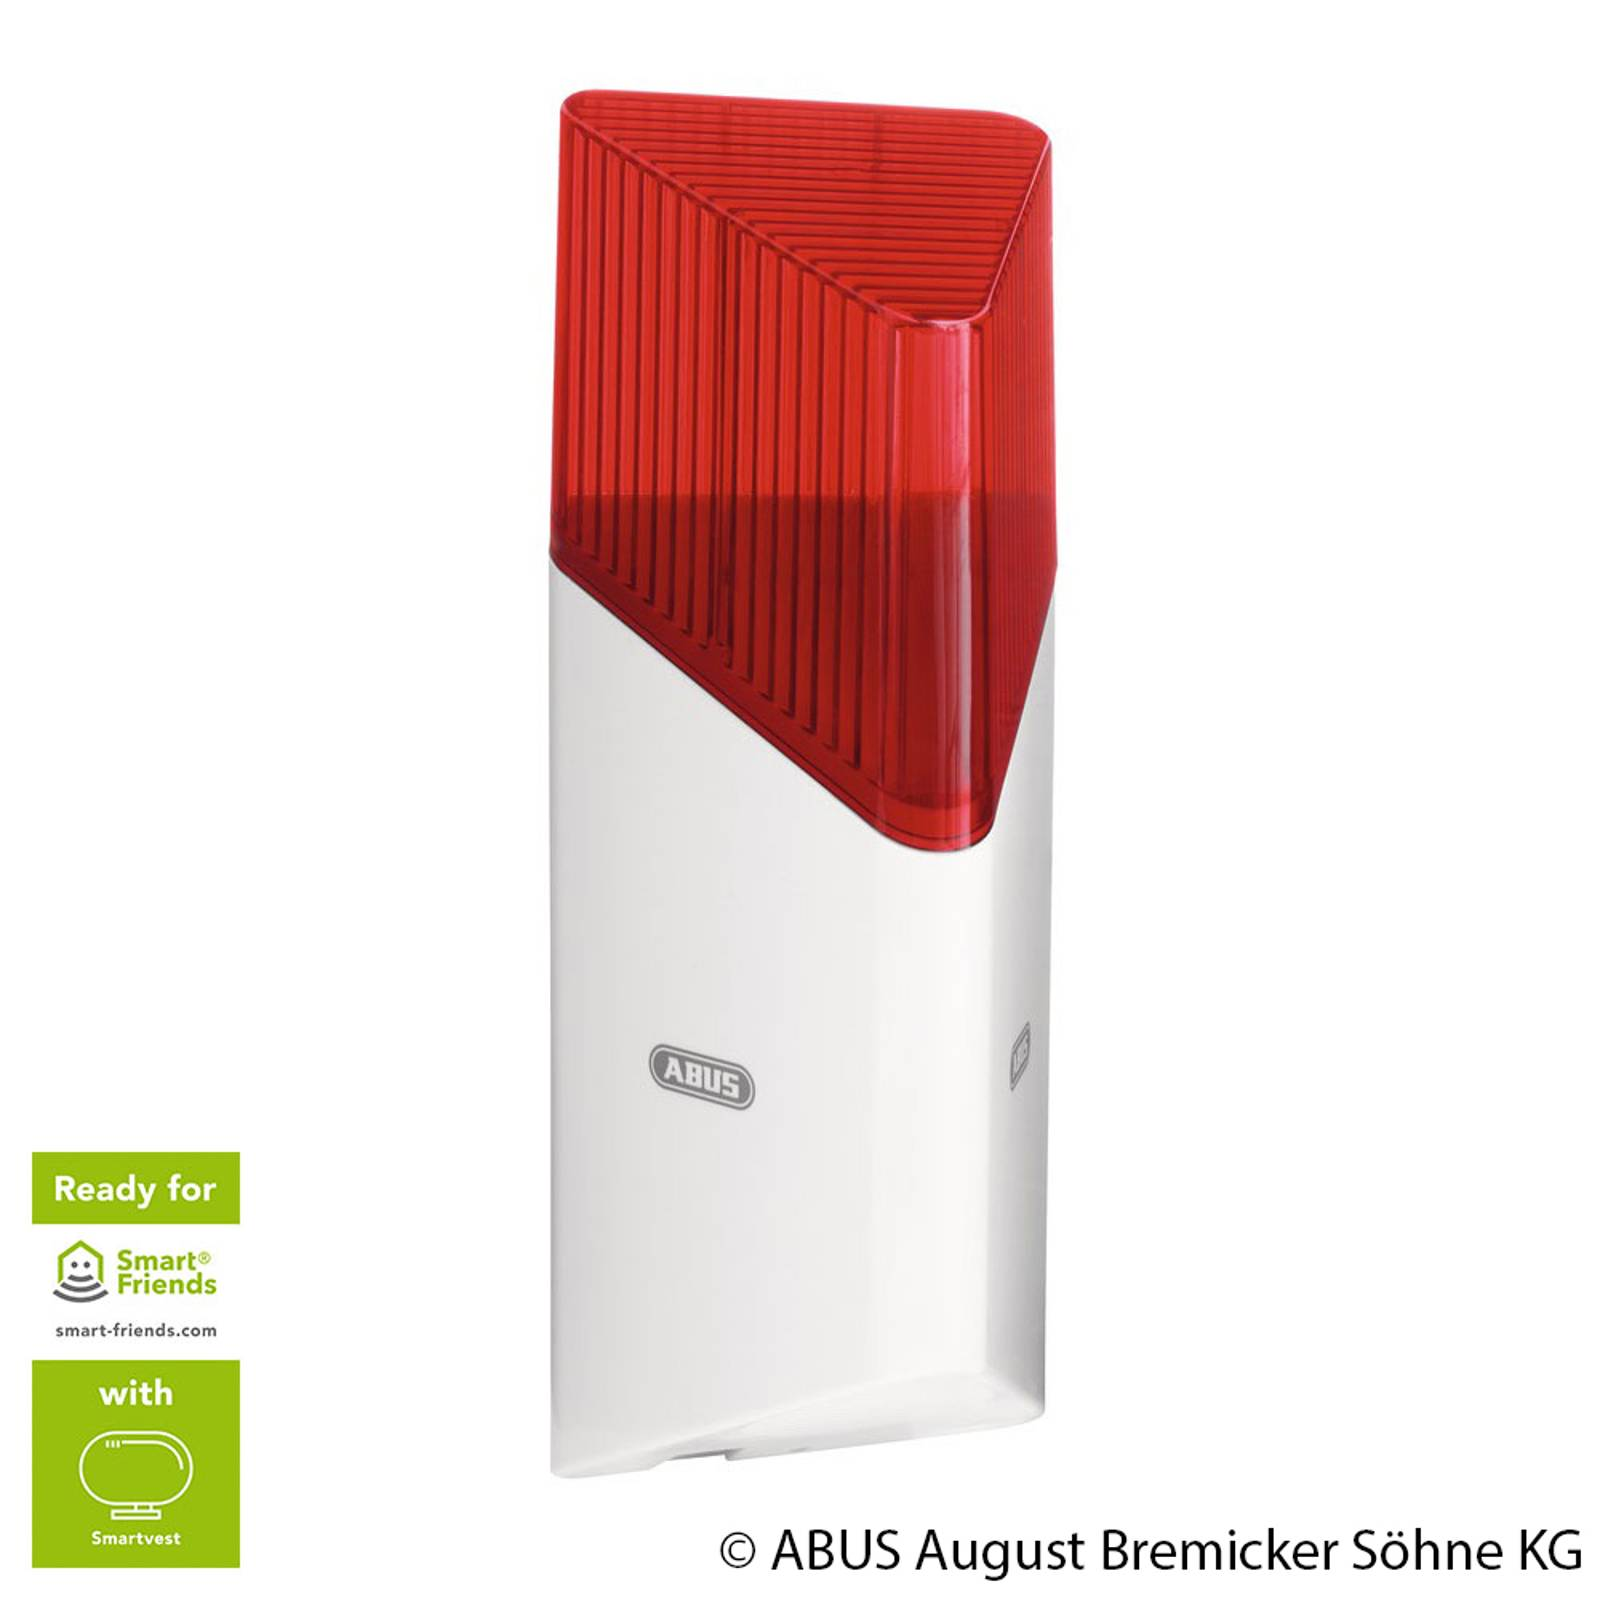 ABUS Smartvest Funk-Sirene innen und außen